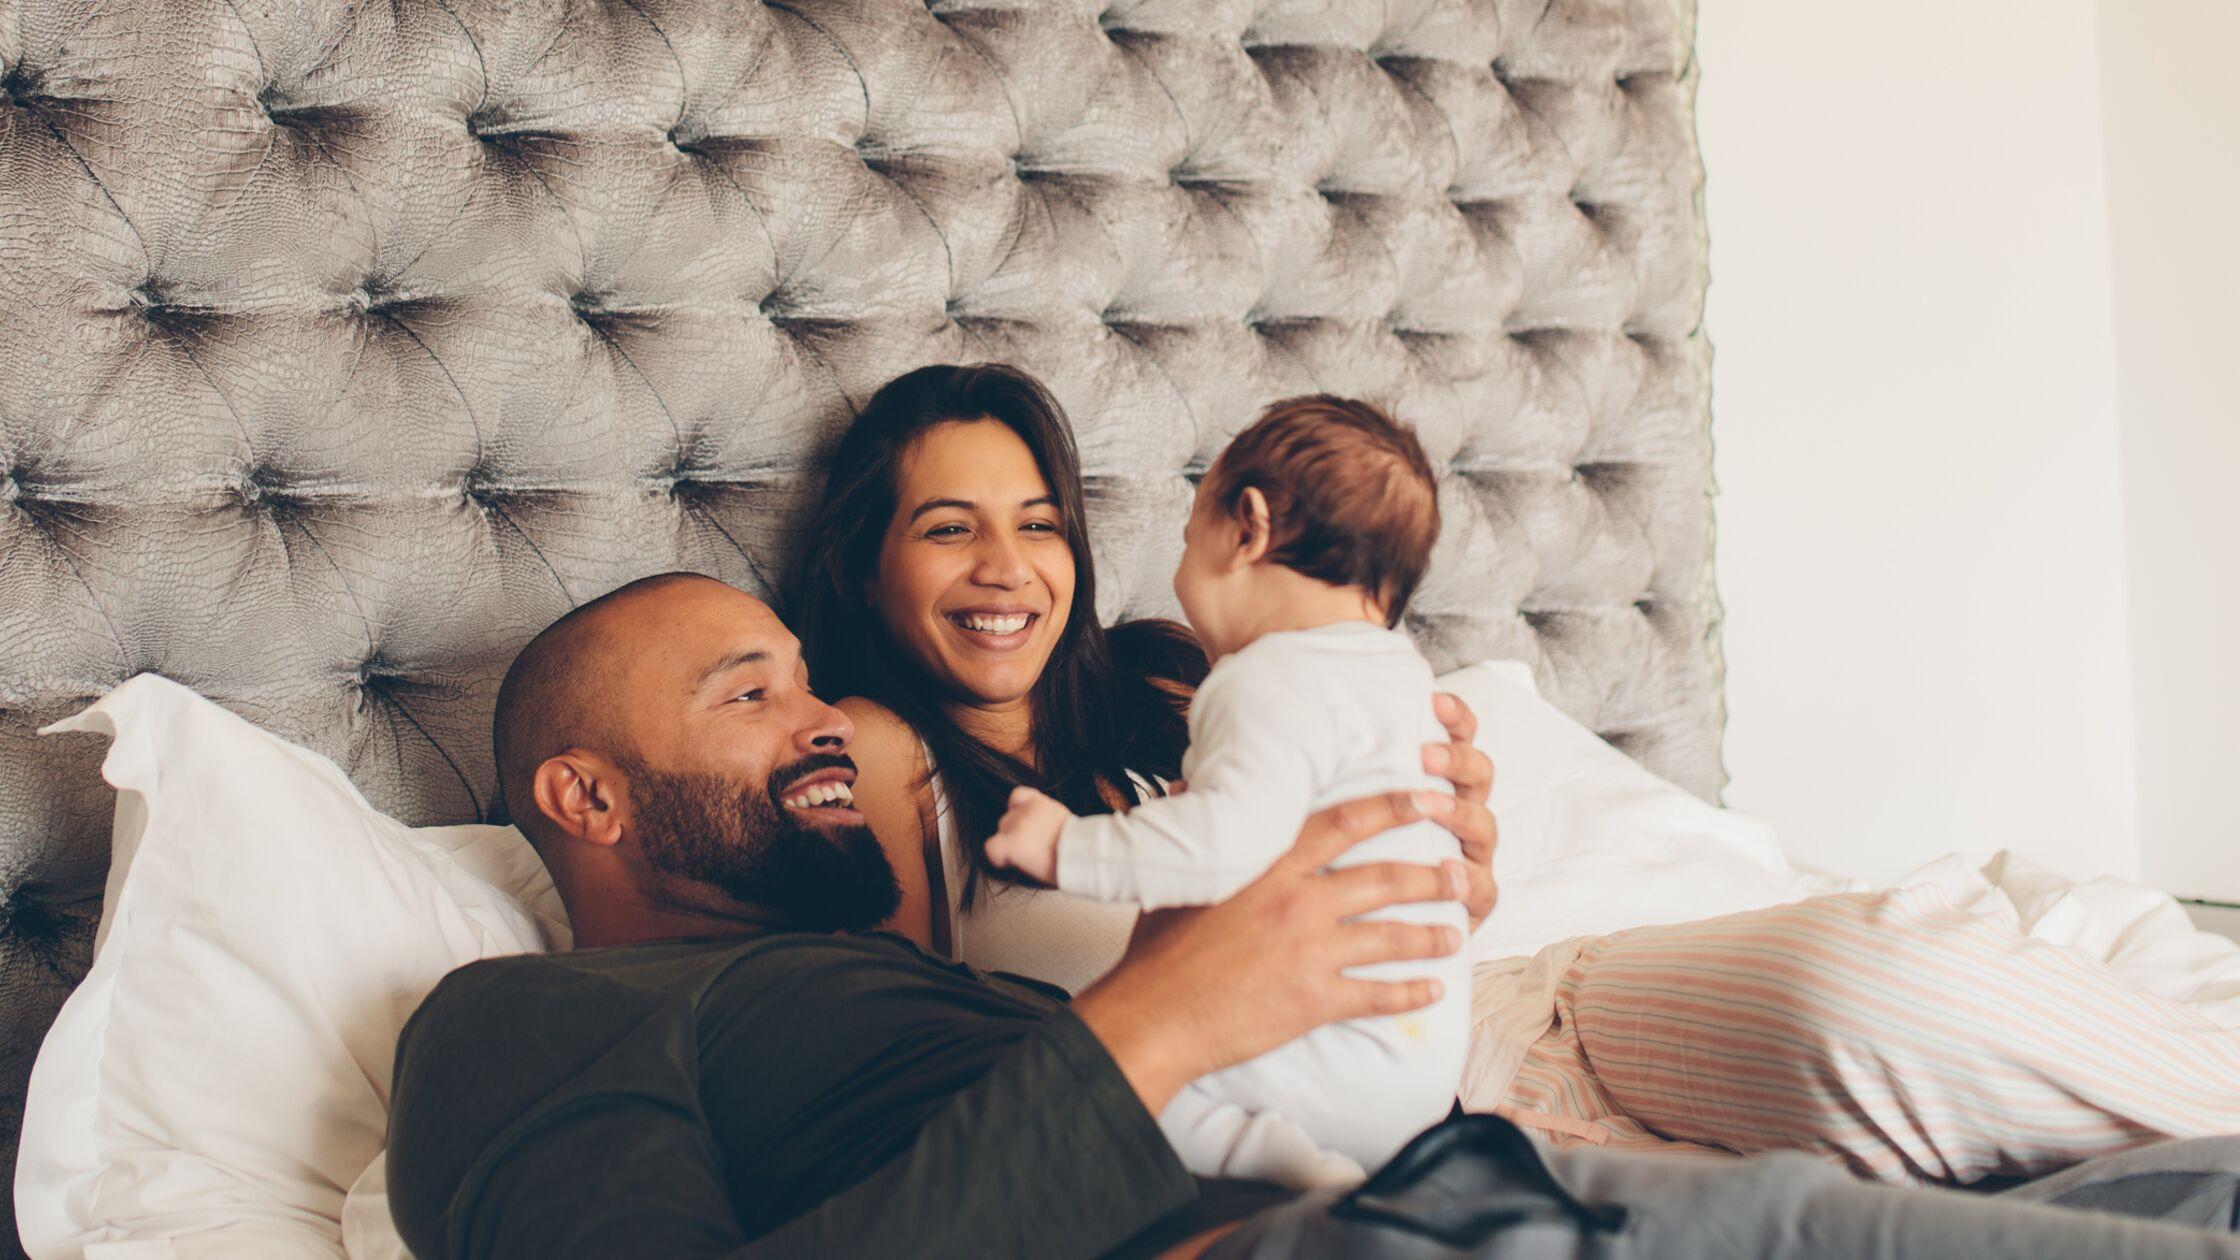 Elterngeld ummelden: Änderungsmitteilung bei Umzug